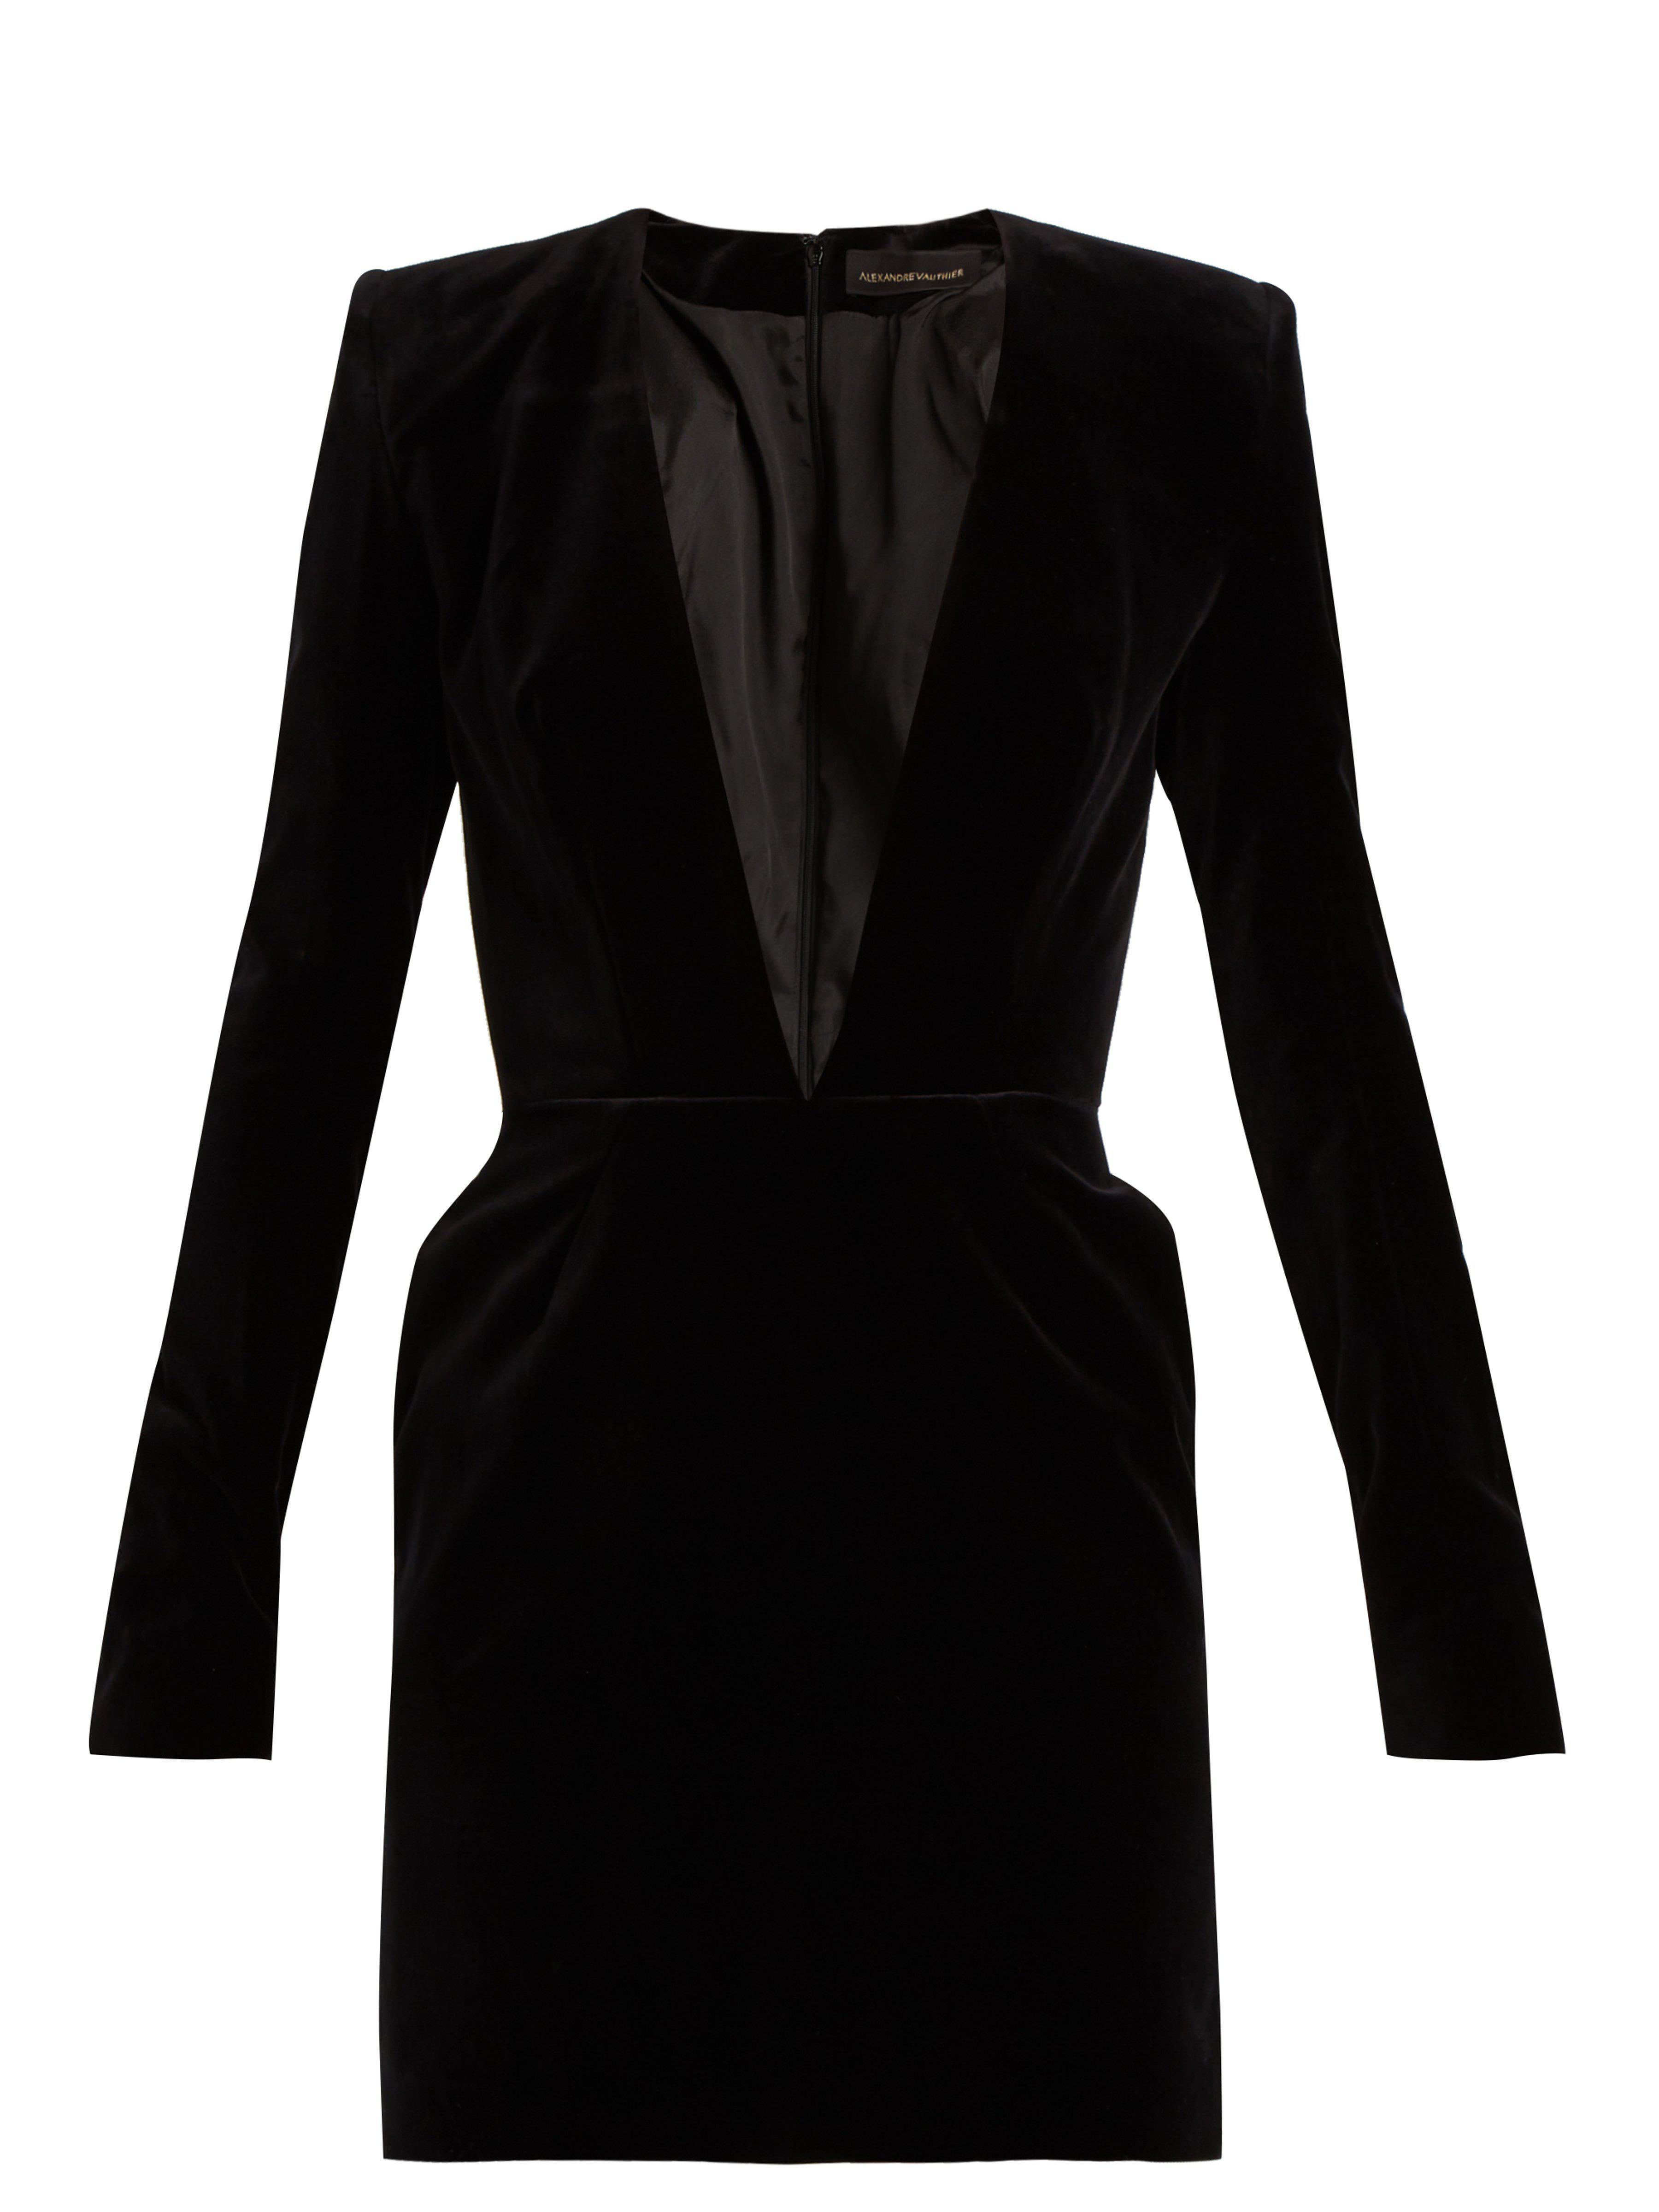 691a4414f4 Alexandre Vauthier V-neck Velvet Mini Dress in Black - Lyst